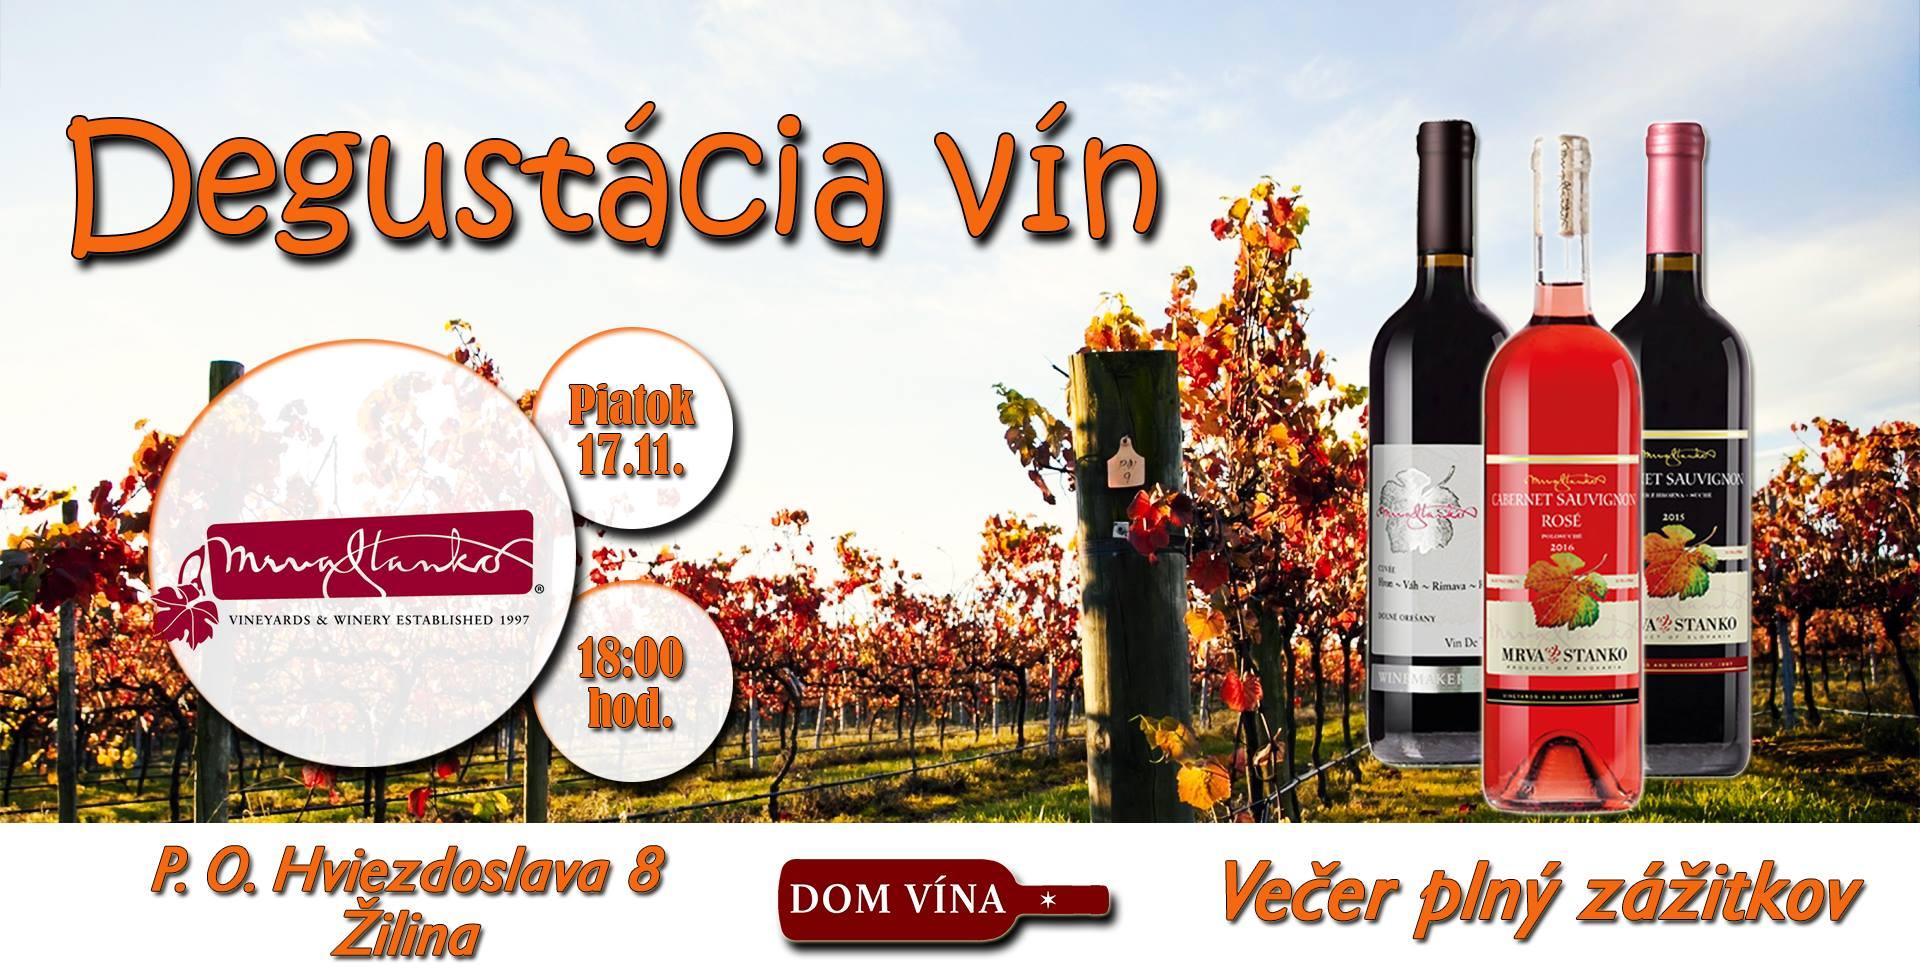 Degustácia vín Mrva & Stanko